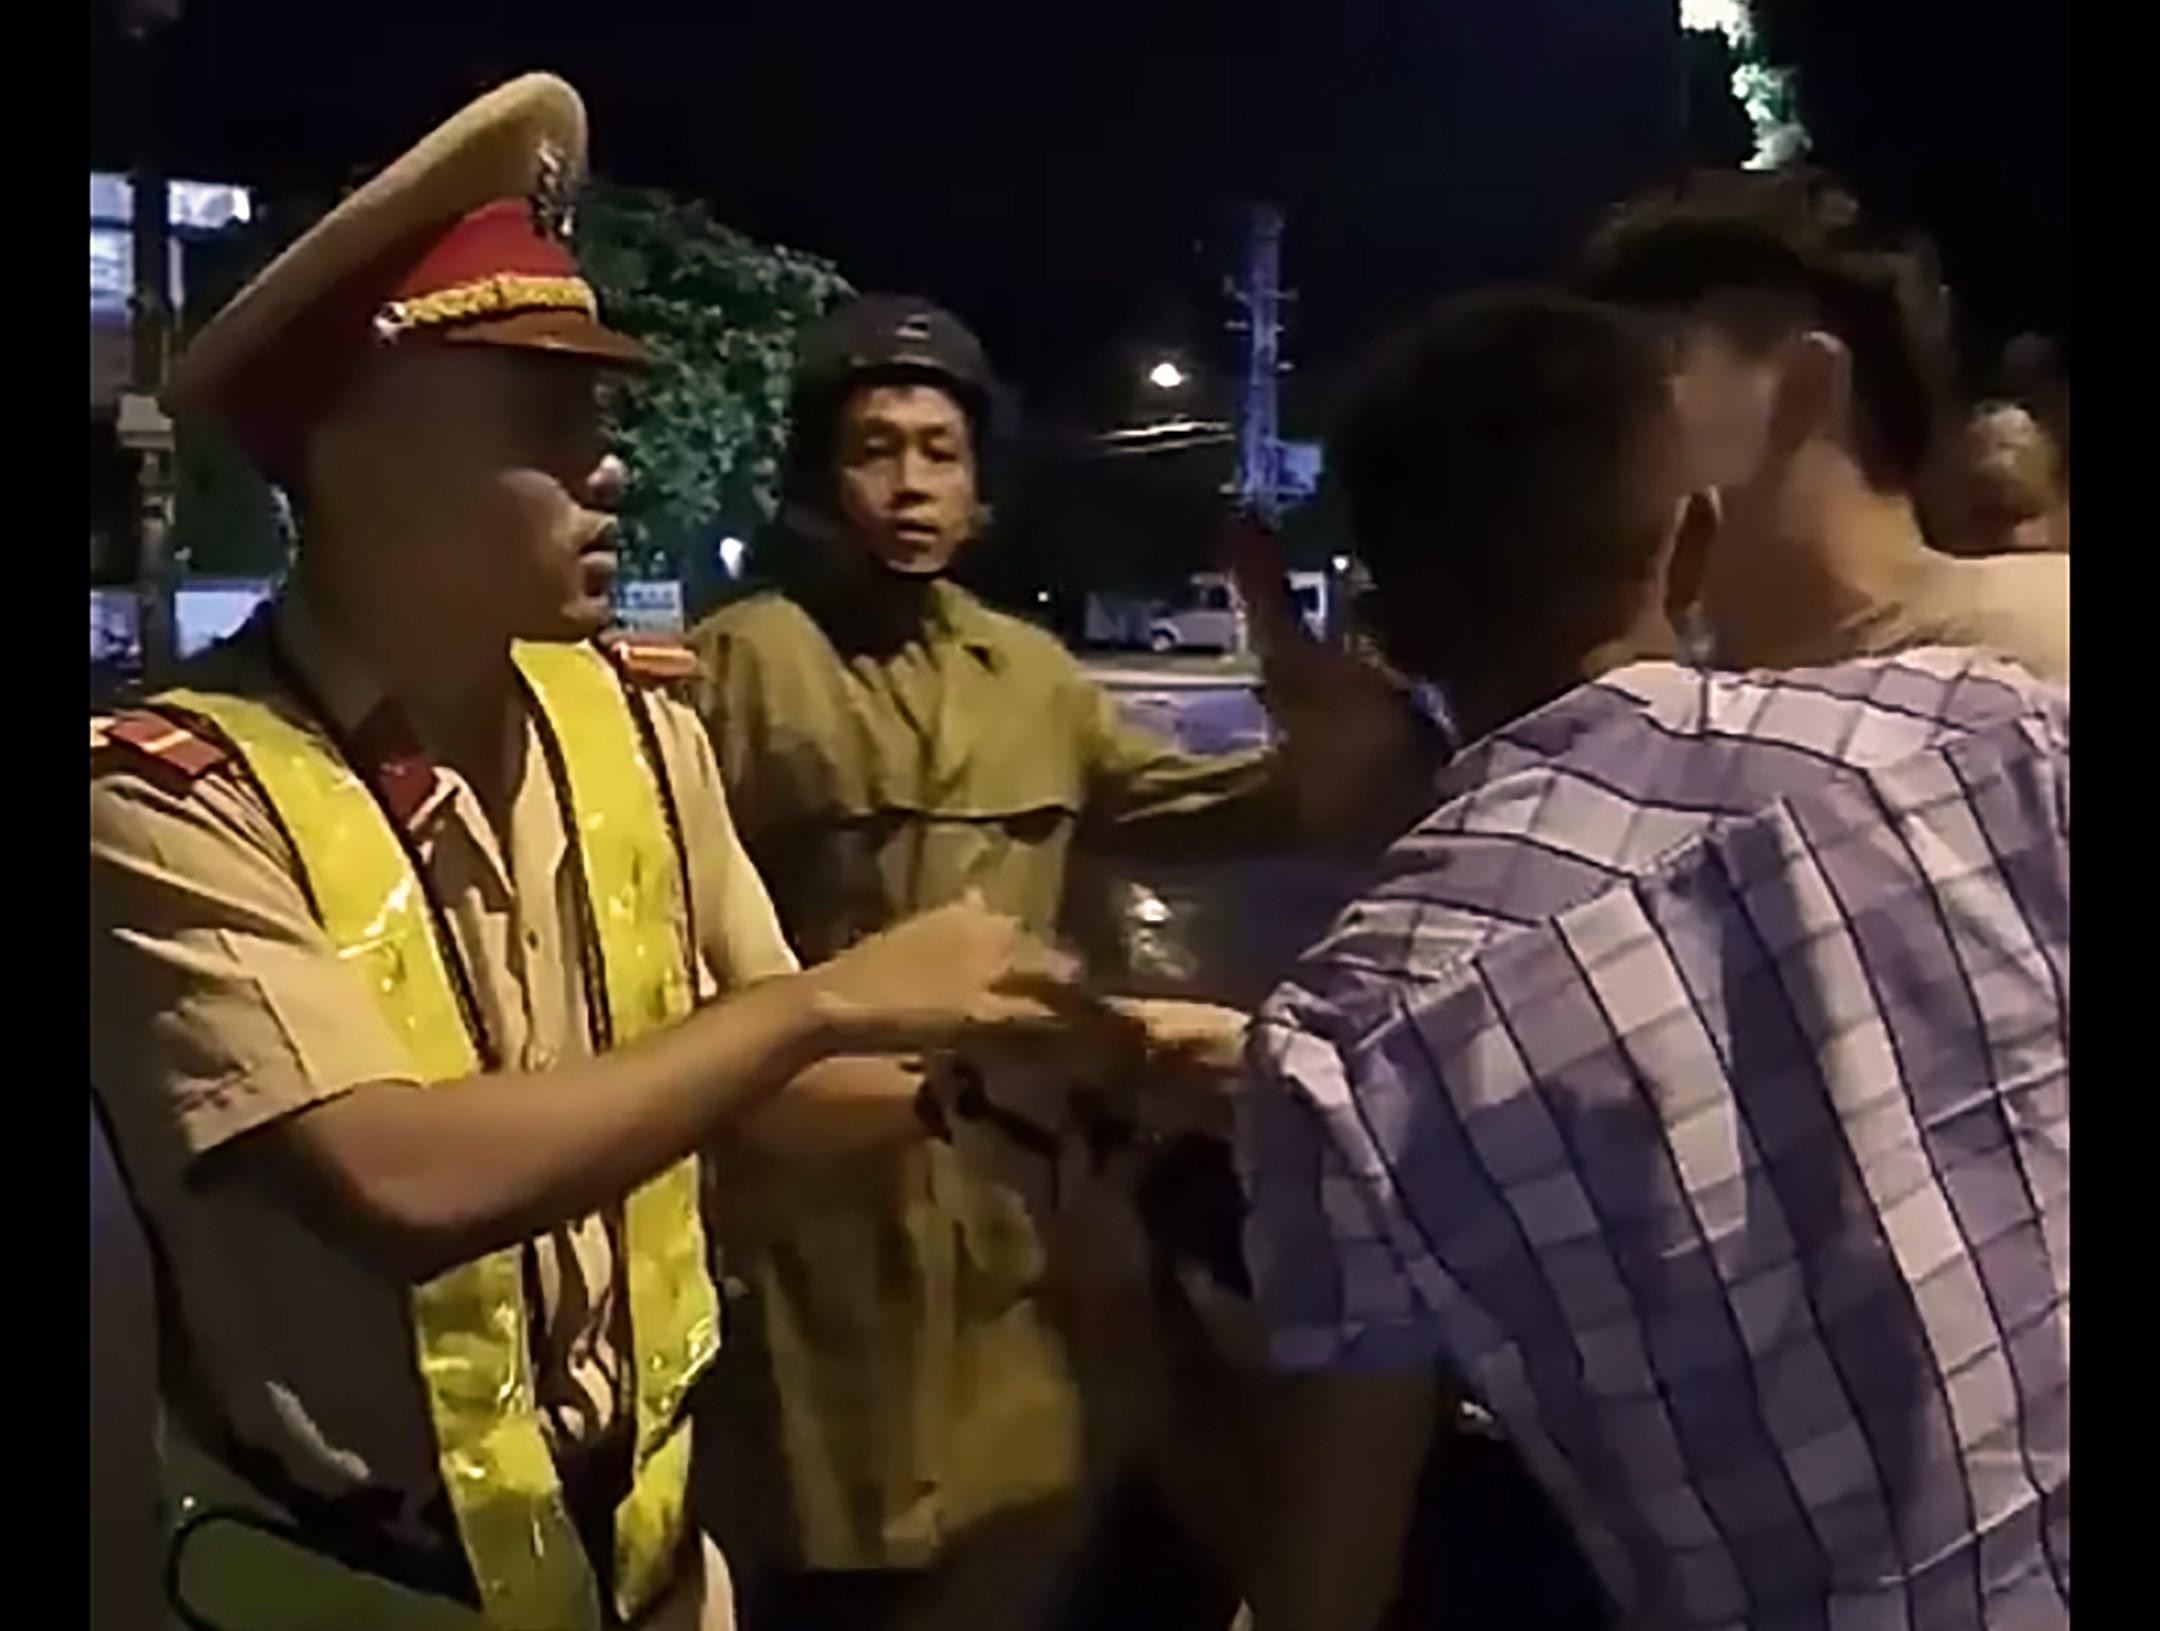 Vụ CSGT 'tự té ngã' ở Bình Định: Xử phạt hành chính 2 thanh niên 'cản trở người thi hành công vụ' Ảnh 2